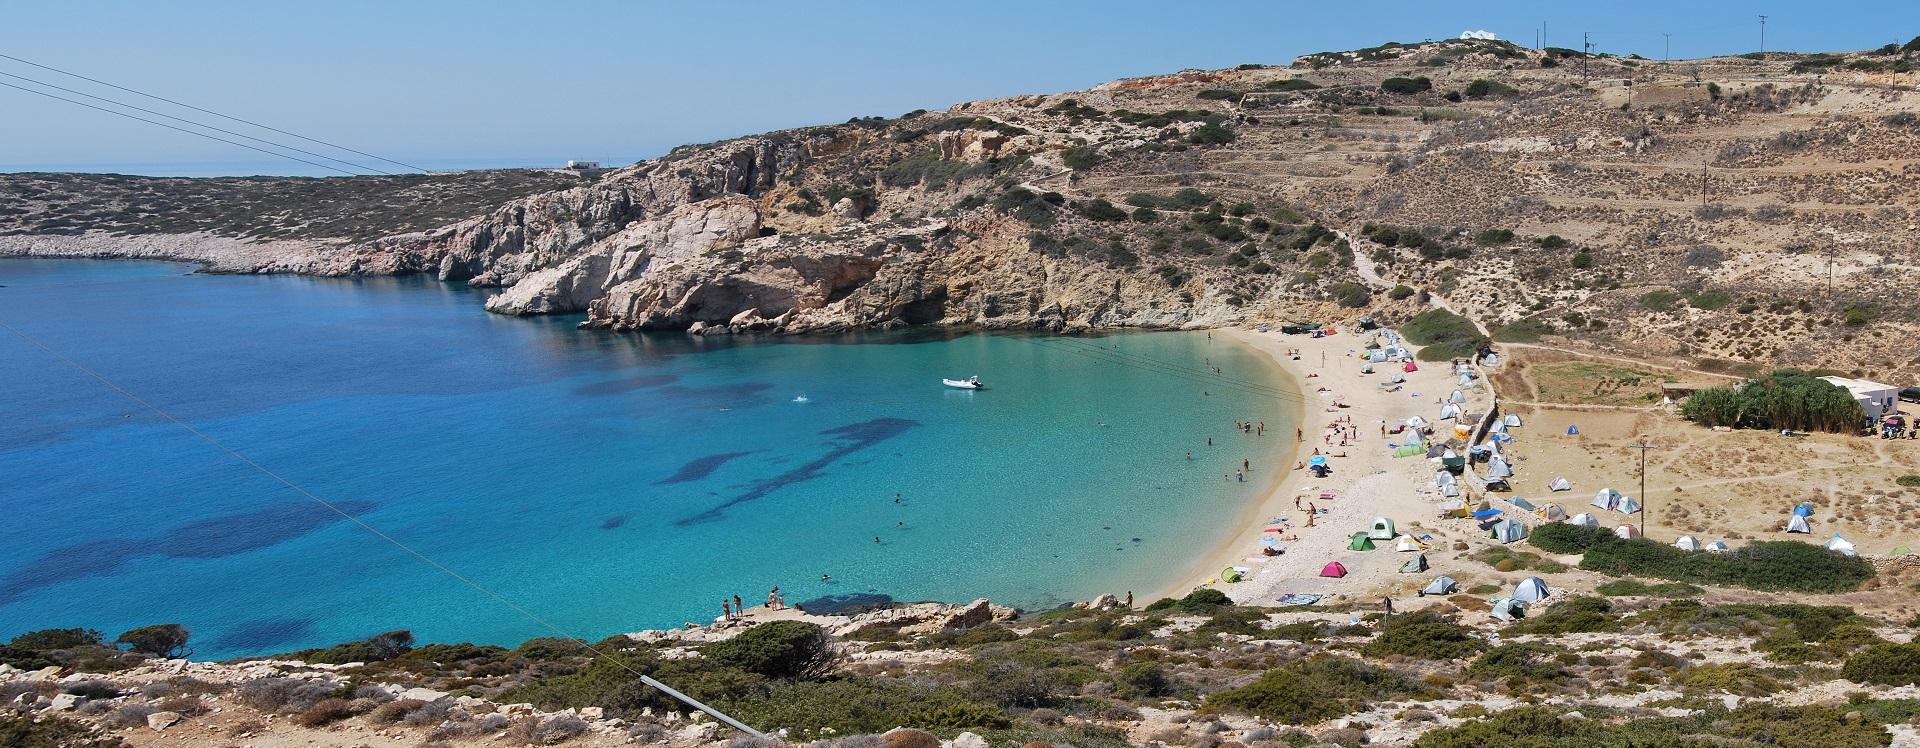 L'isola di Donoussa nelle piccole Cicladi